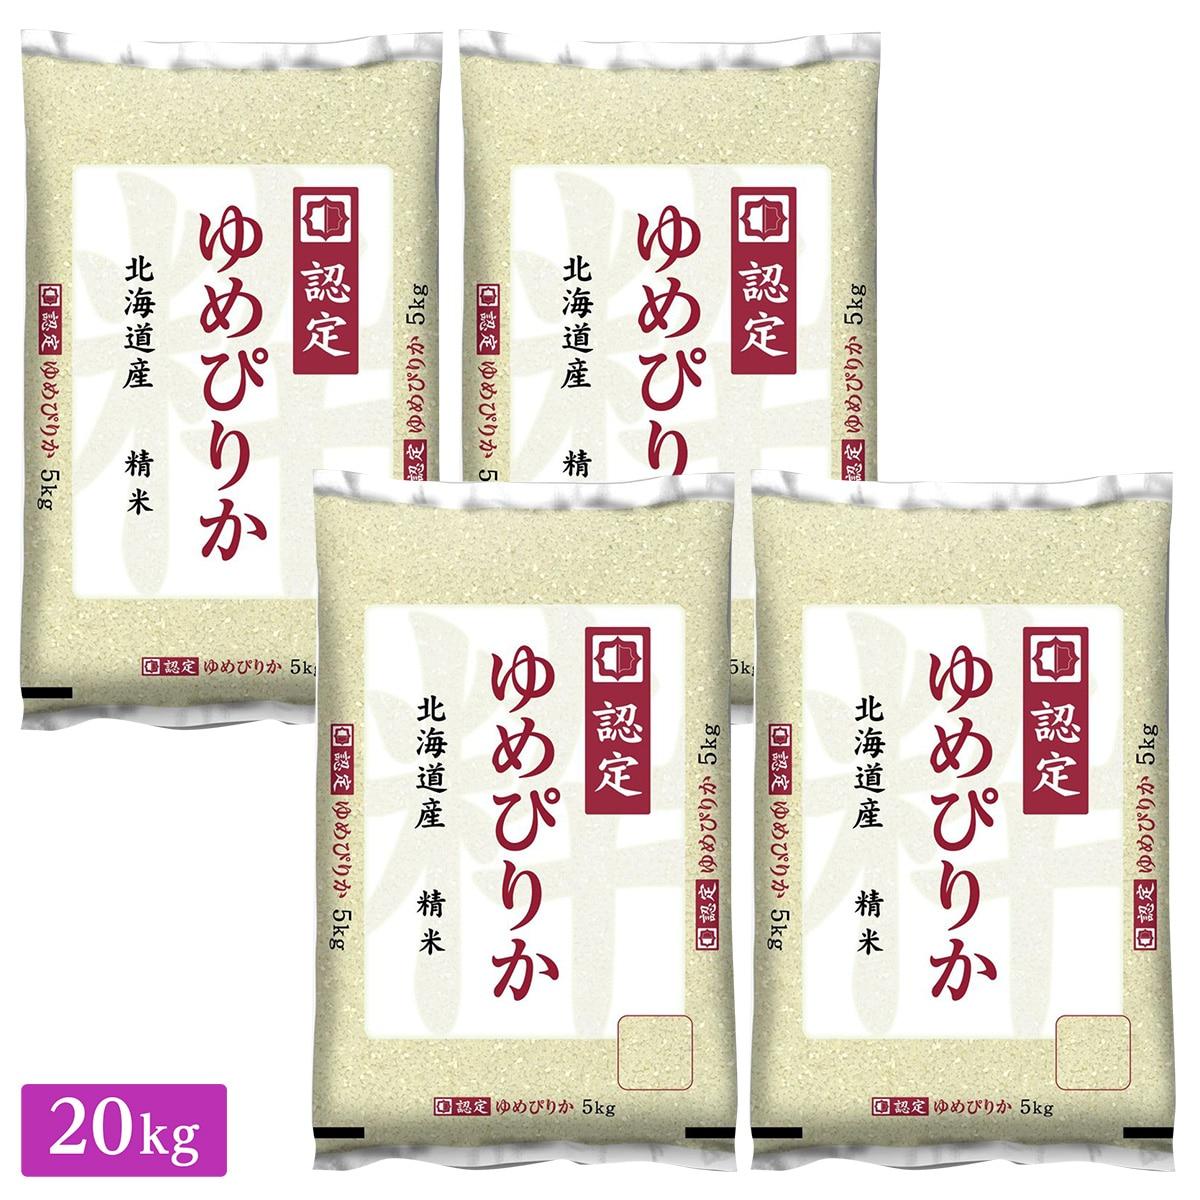 むらせライス ■【精米】令和元年産 北海道ゆめぴりか 20kg(5kg×4) 25695